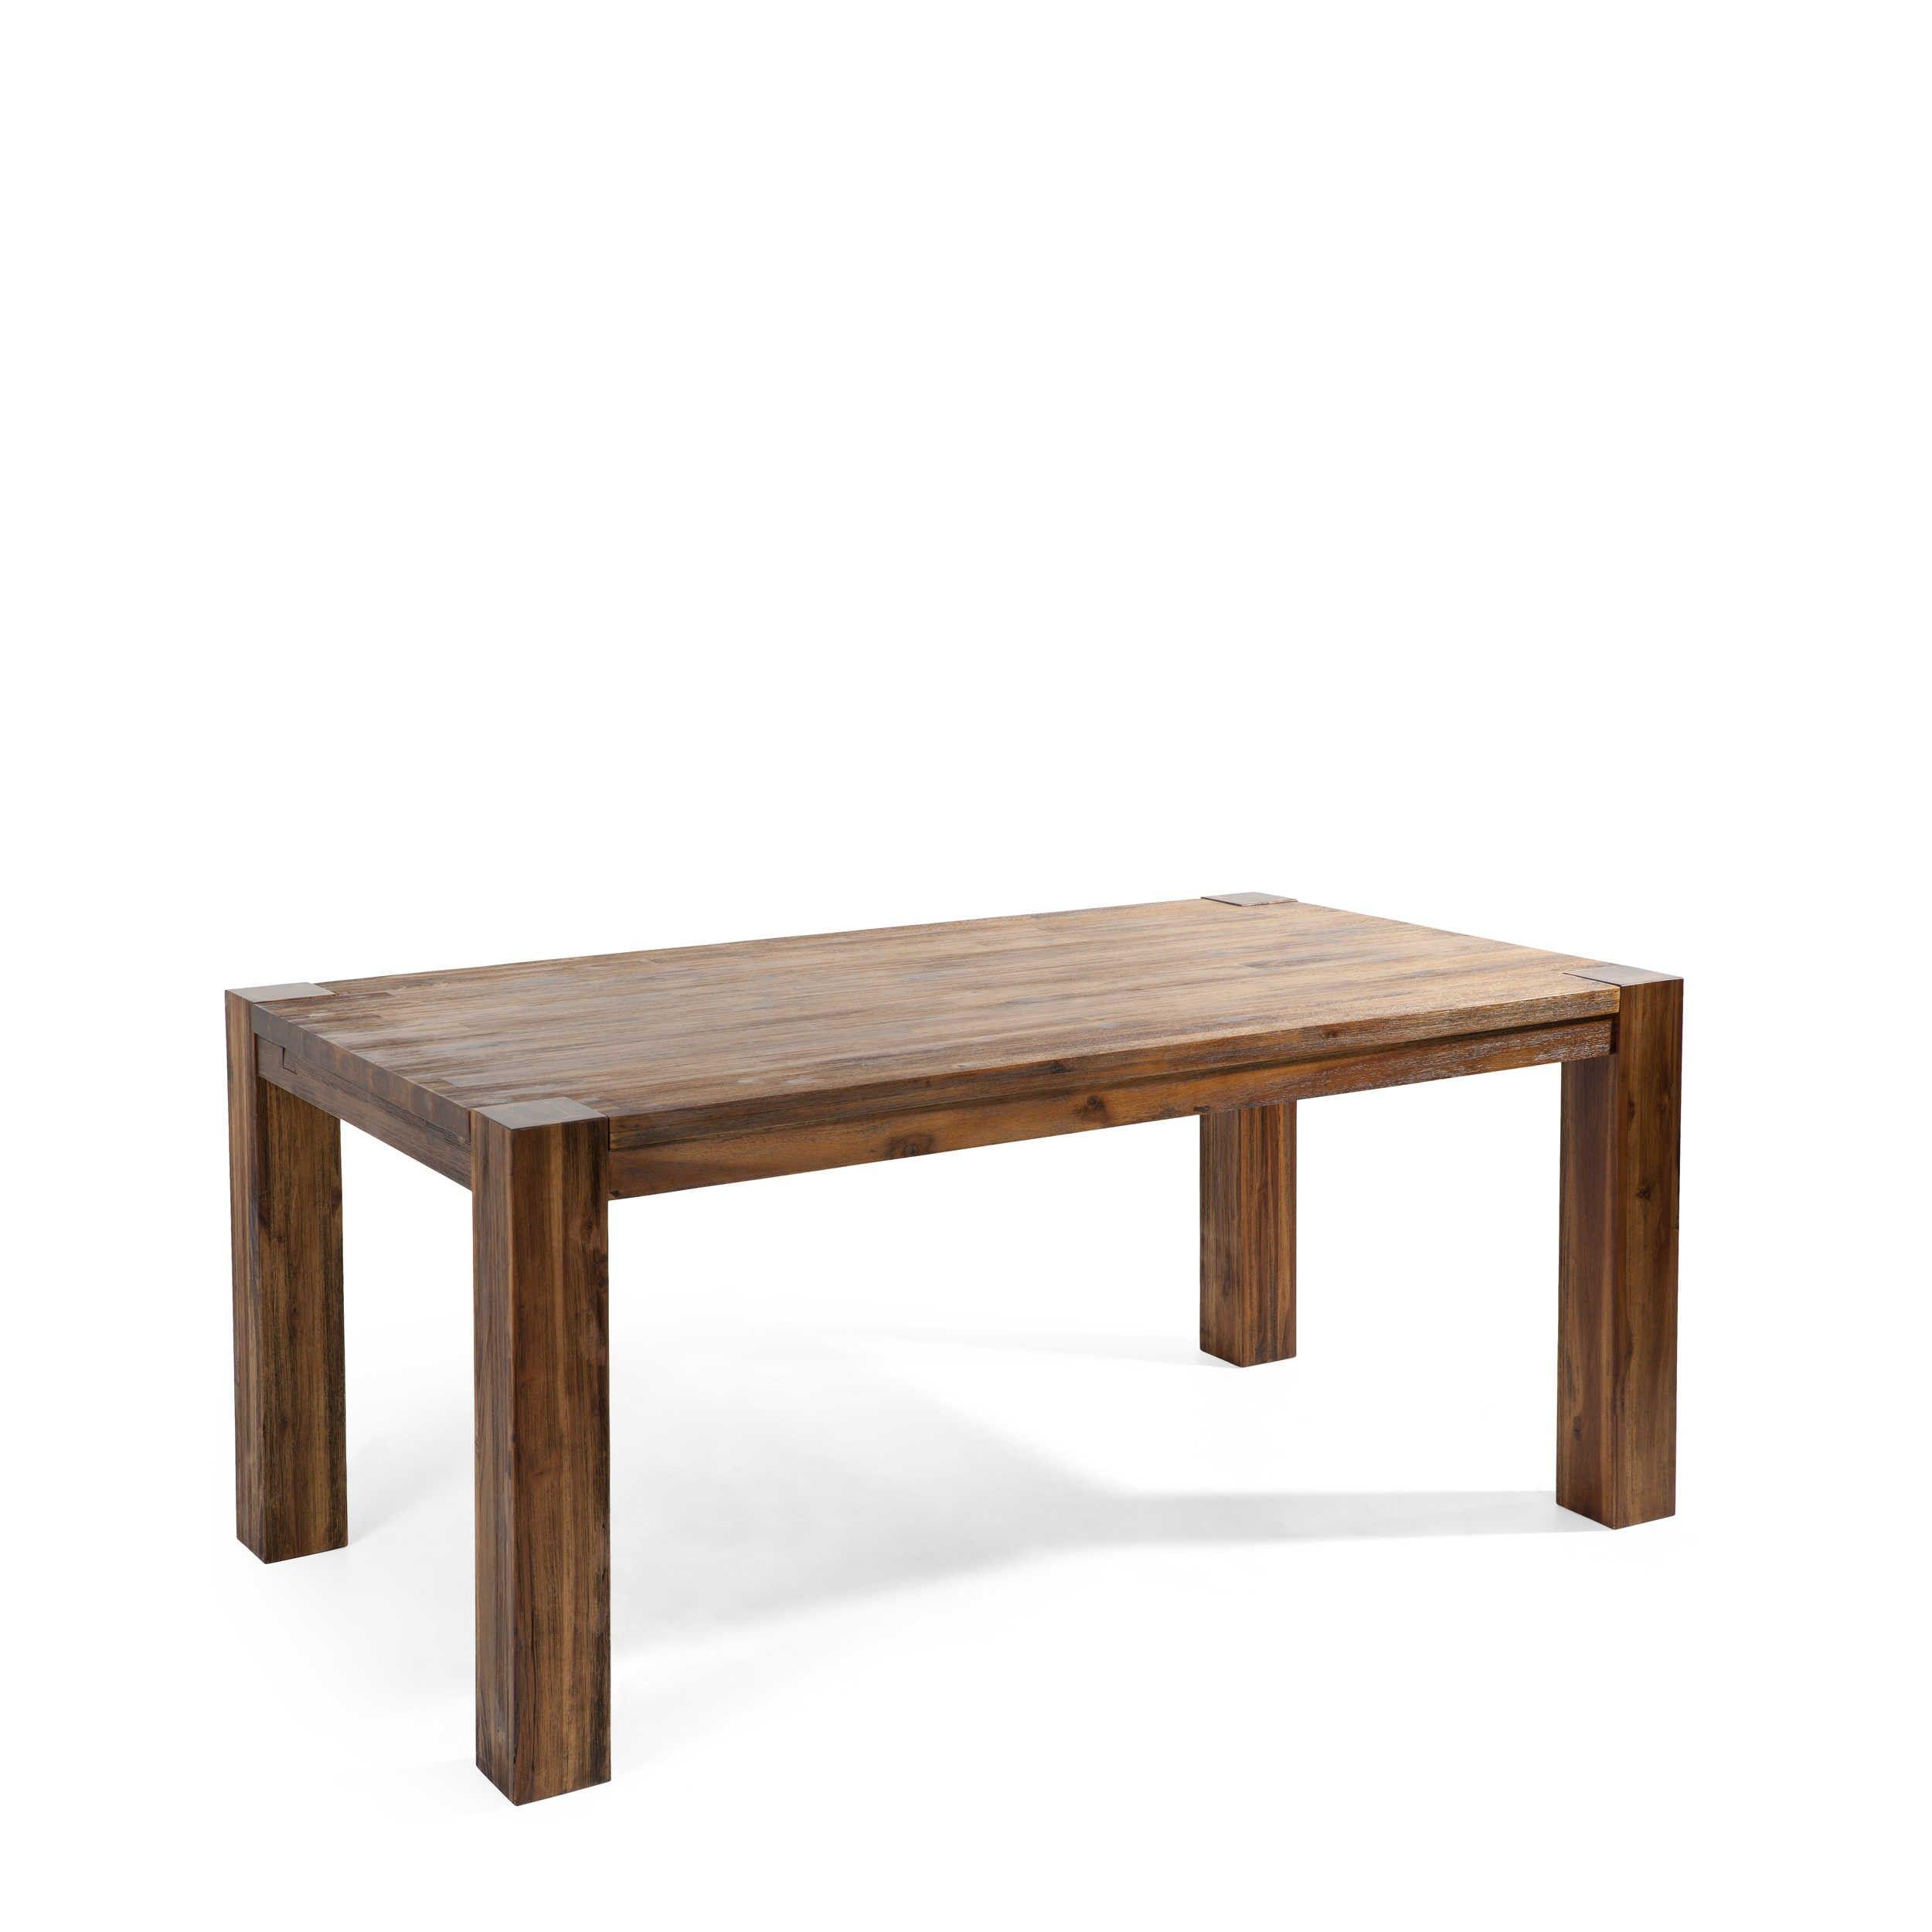 Esstisch Latina 160 X 90 Cm Akazie Holz Jetzt Bestellen Unter Http Www Woonio De Produkt Esstisch Latina 160 X 90 Cm Akaz Esstisch Esstisch Ausziehbar Tisch